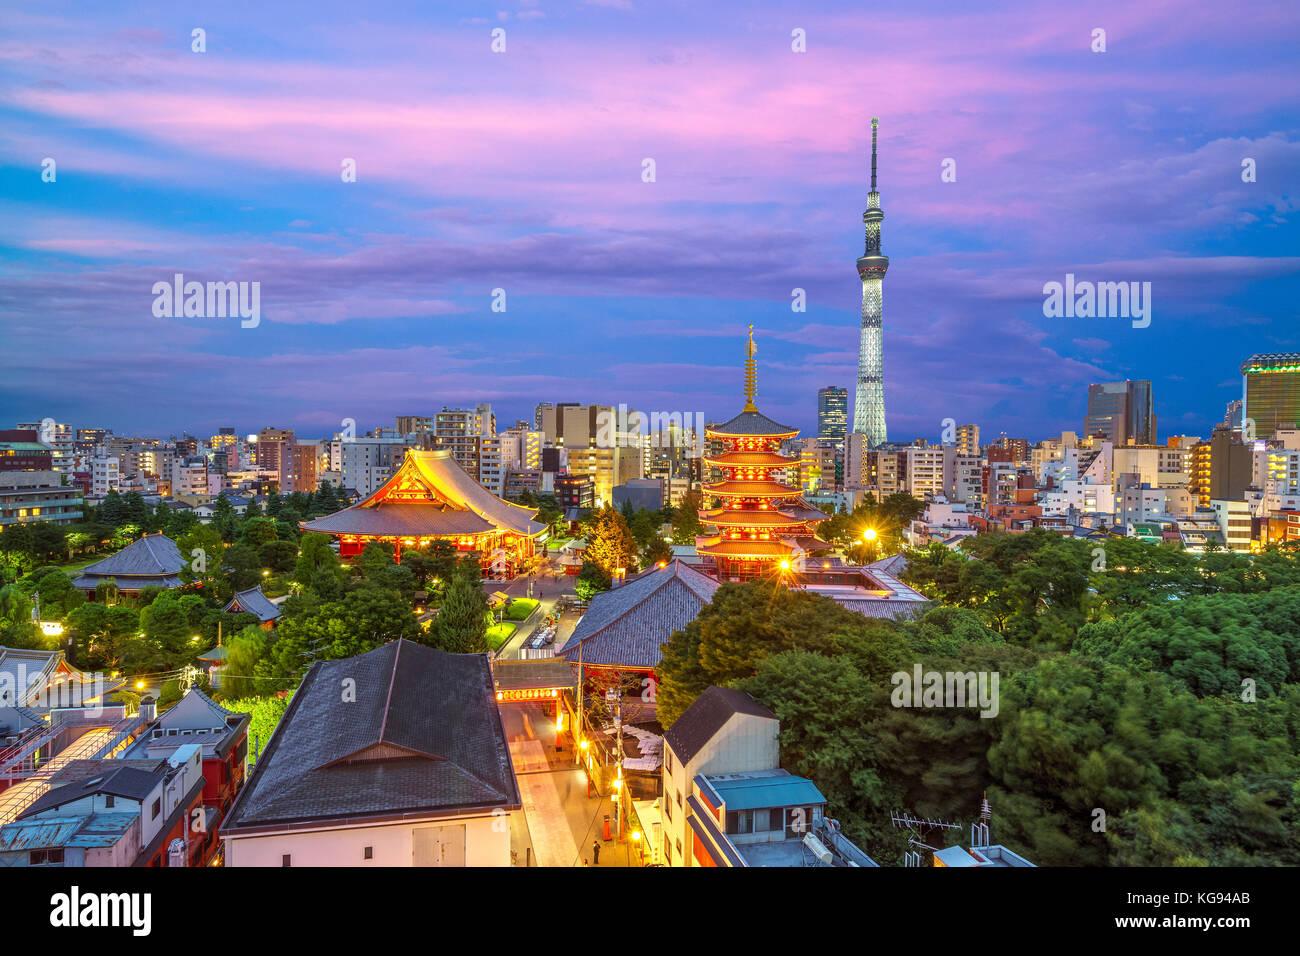 Vista aérea de la ciudad de Tokio por la noche en Japón Imagen De Stock